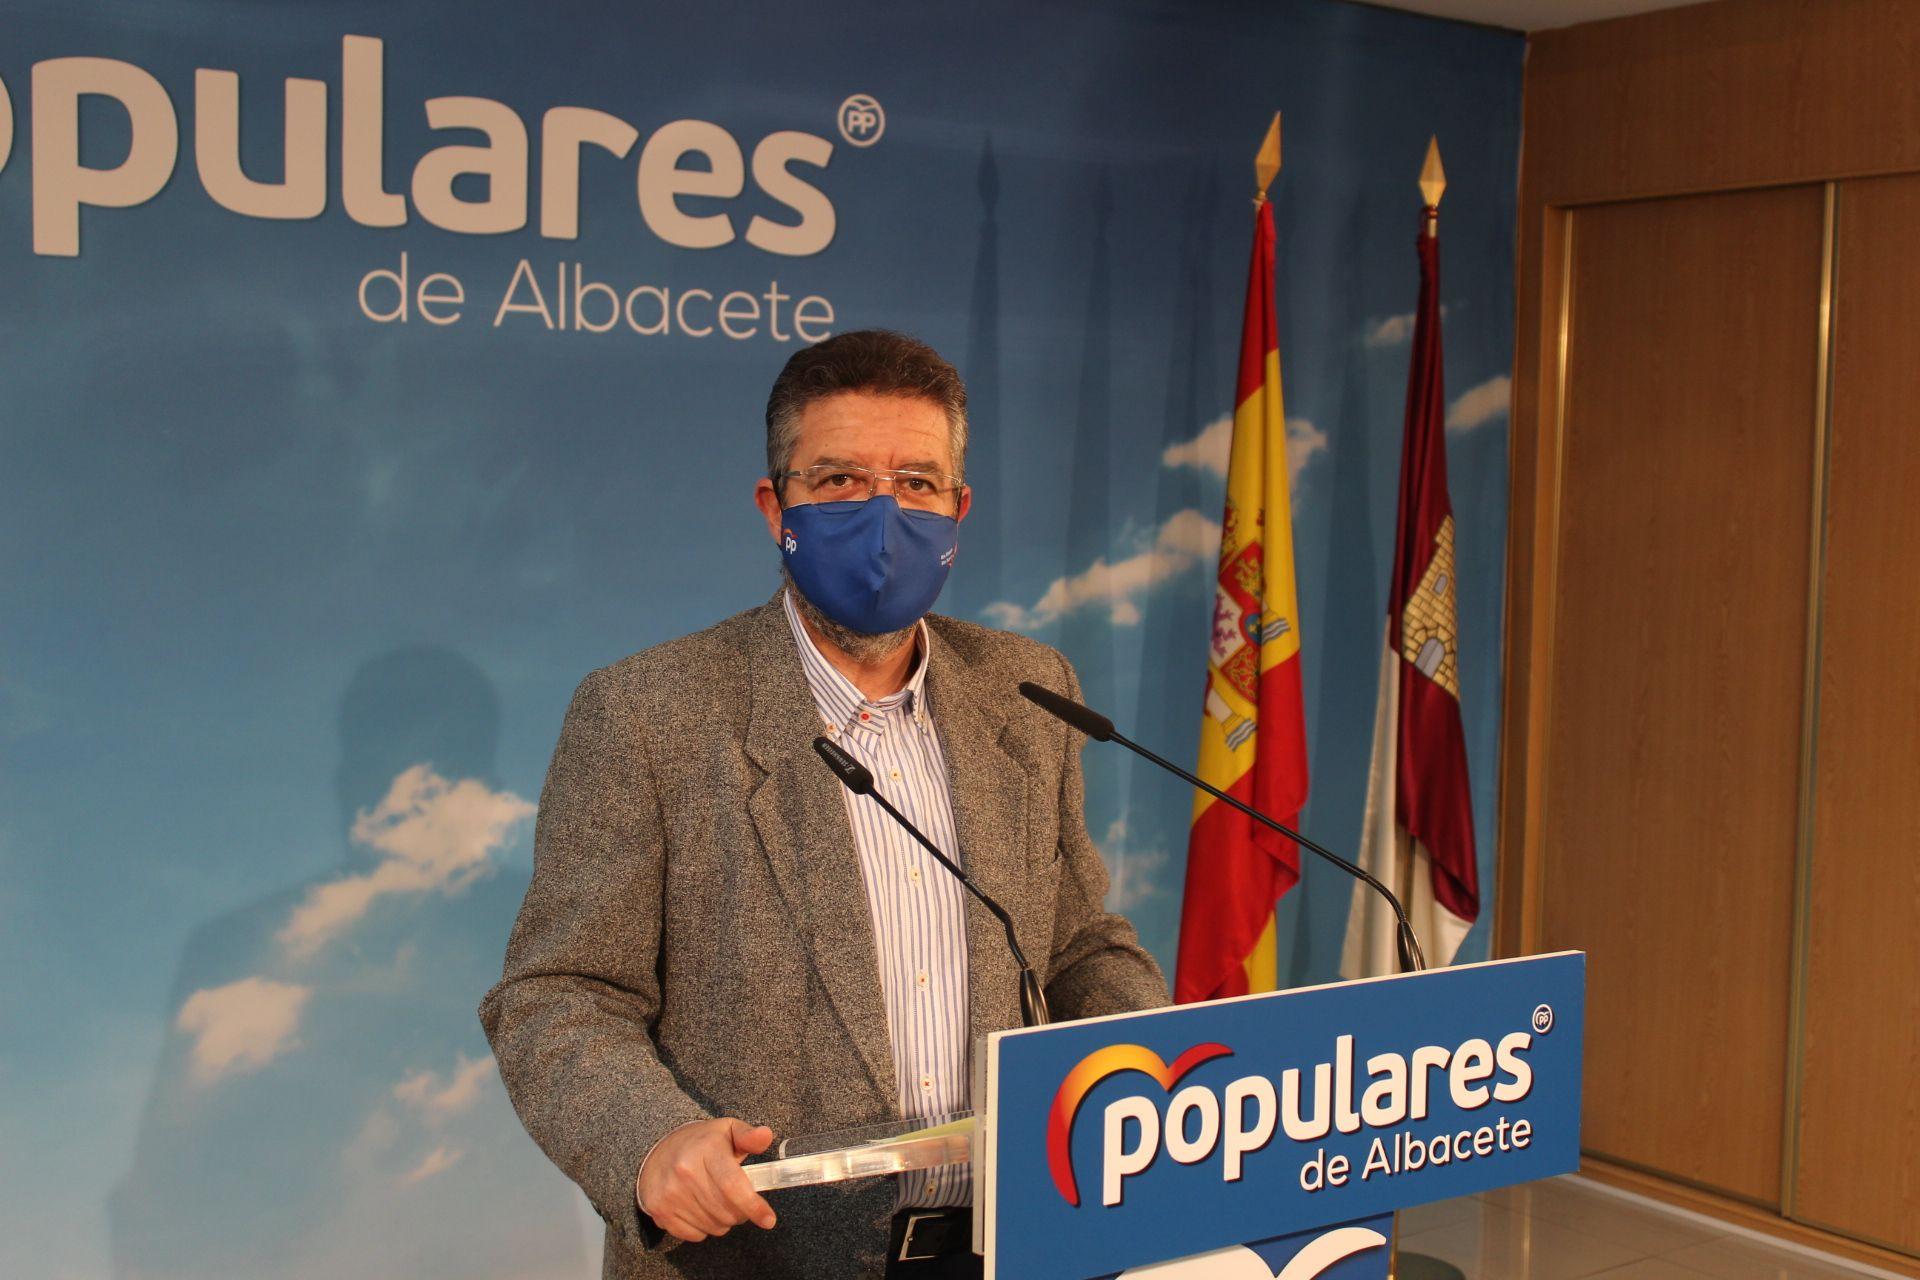 Juan Antonio Moreno espera que el PSOE apruebe unas enmiendas a los Presupuestos que corrigen los errores de Page durante la gestión de la pandemia